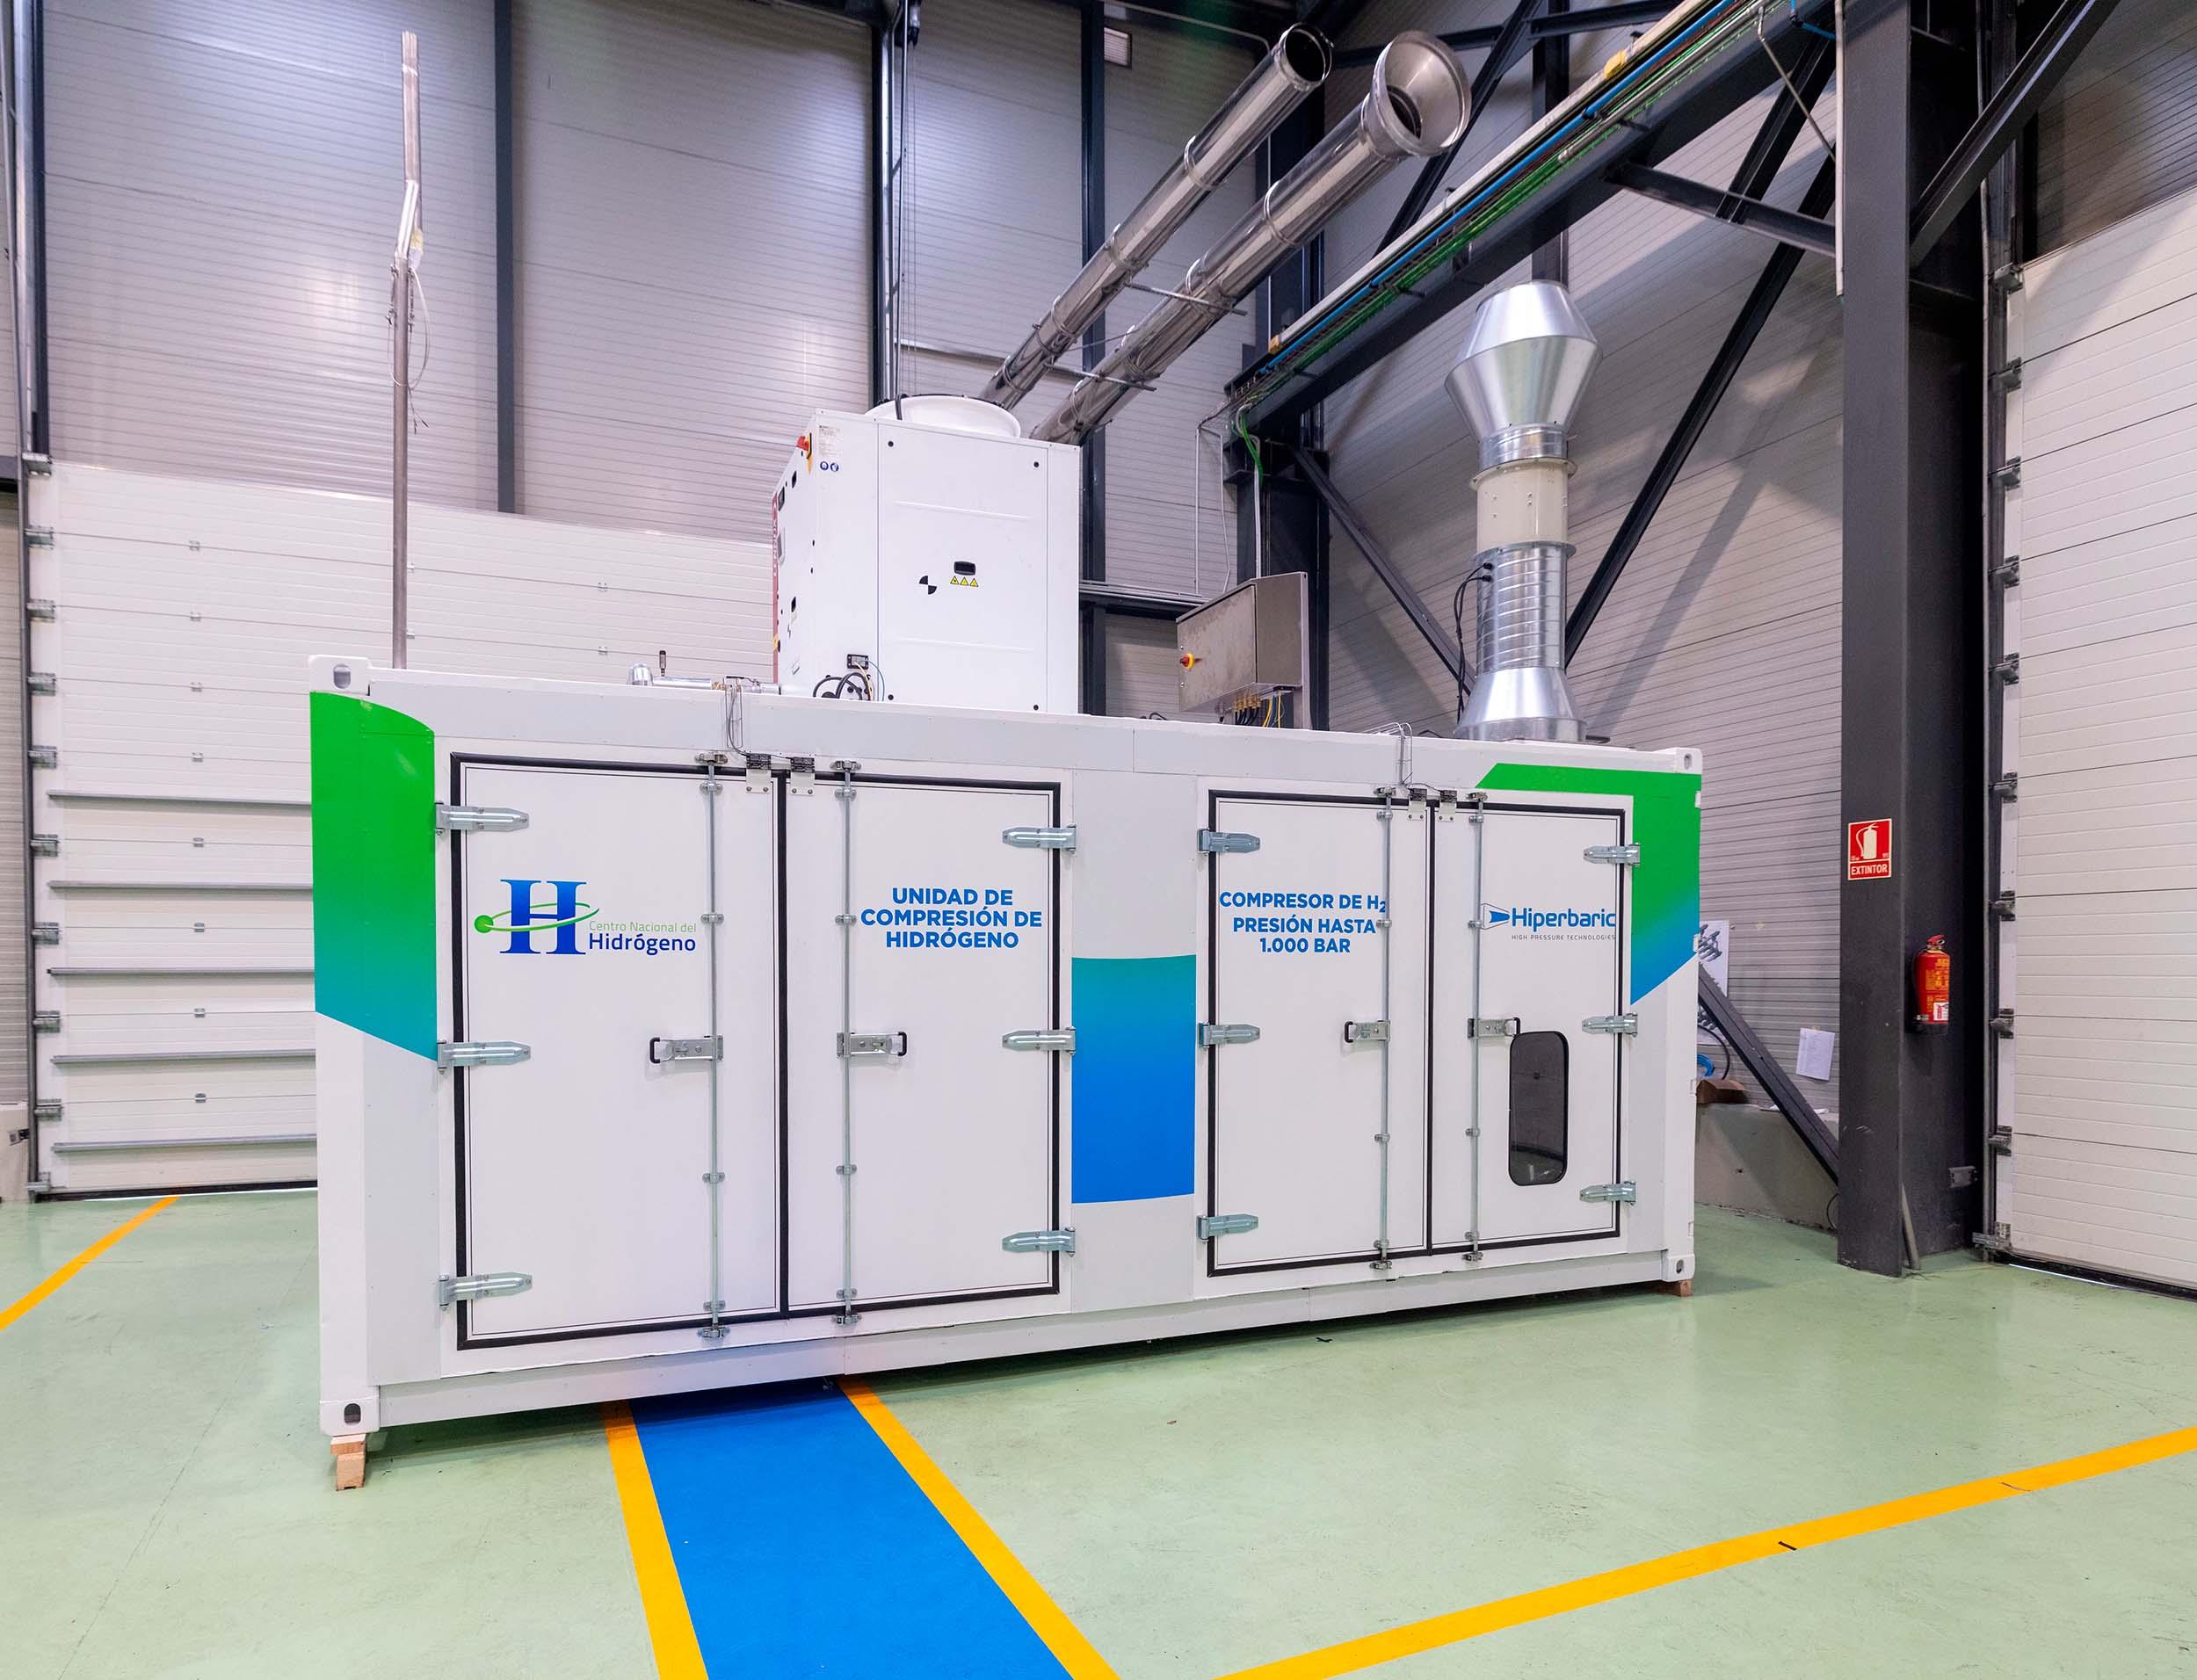 Grupo Compresor de H2 entrega en el CNH2